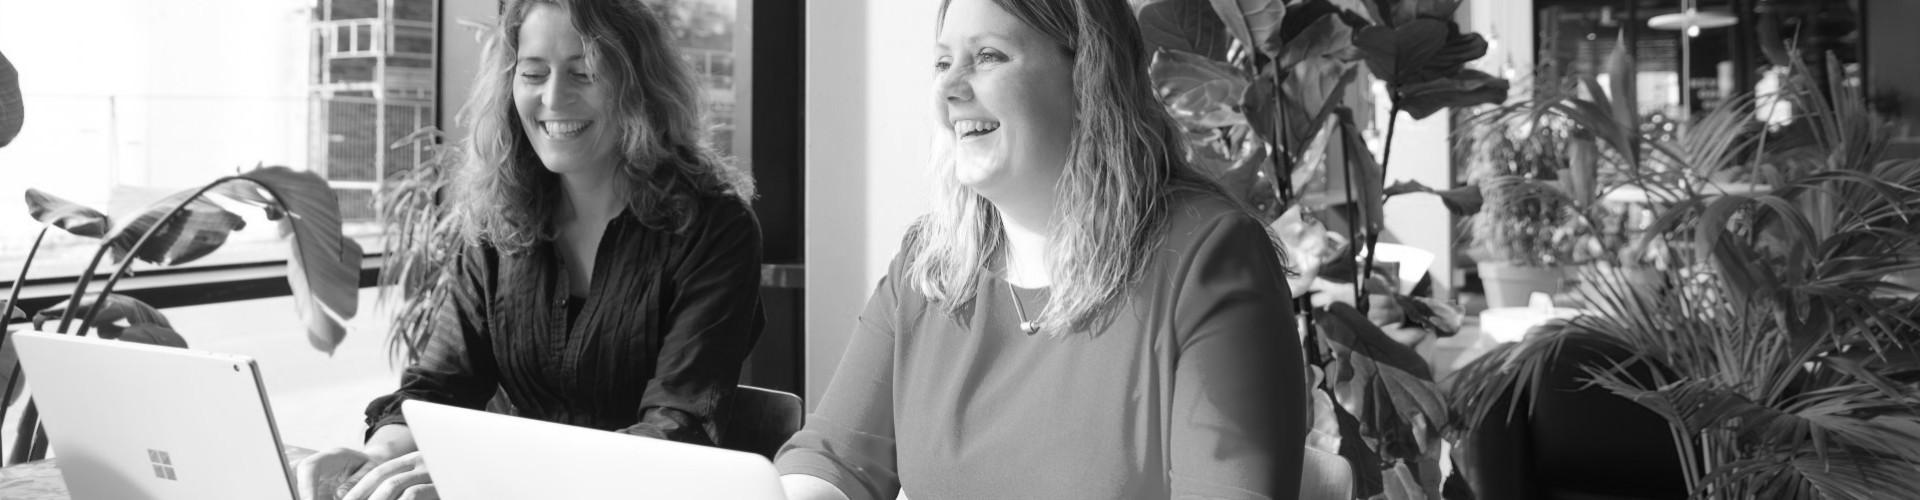 Alida Lucia Wolters en Muriël Courtin van Berim, specialist in persoonlijke ontwikkeling.